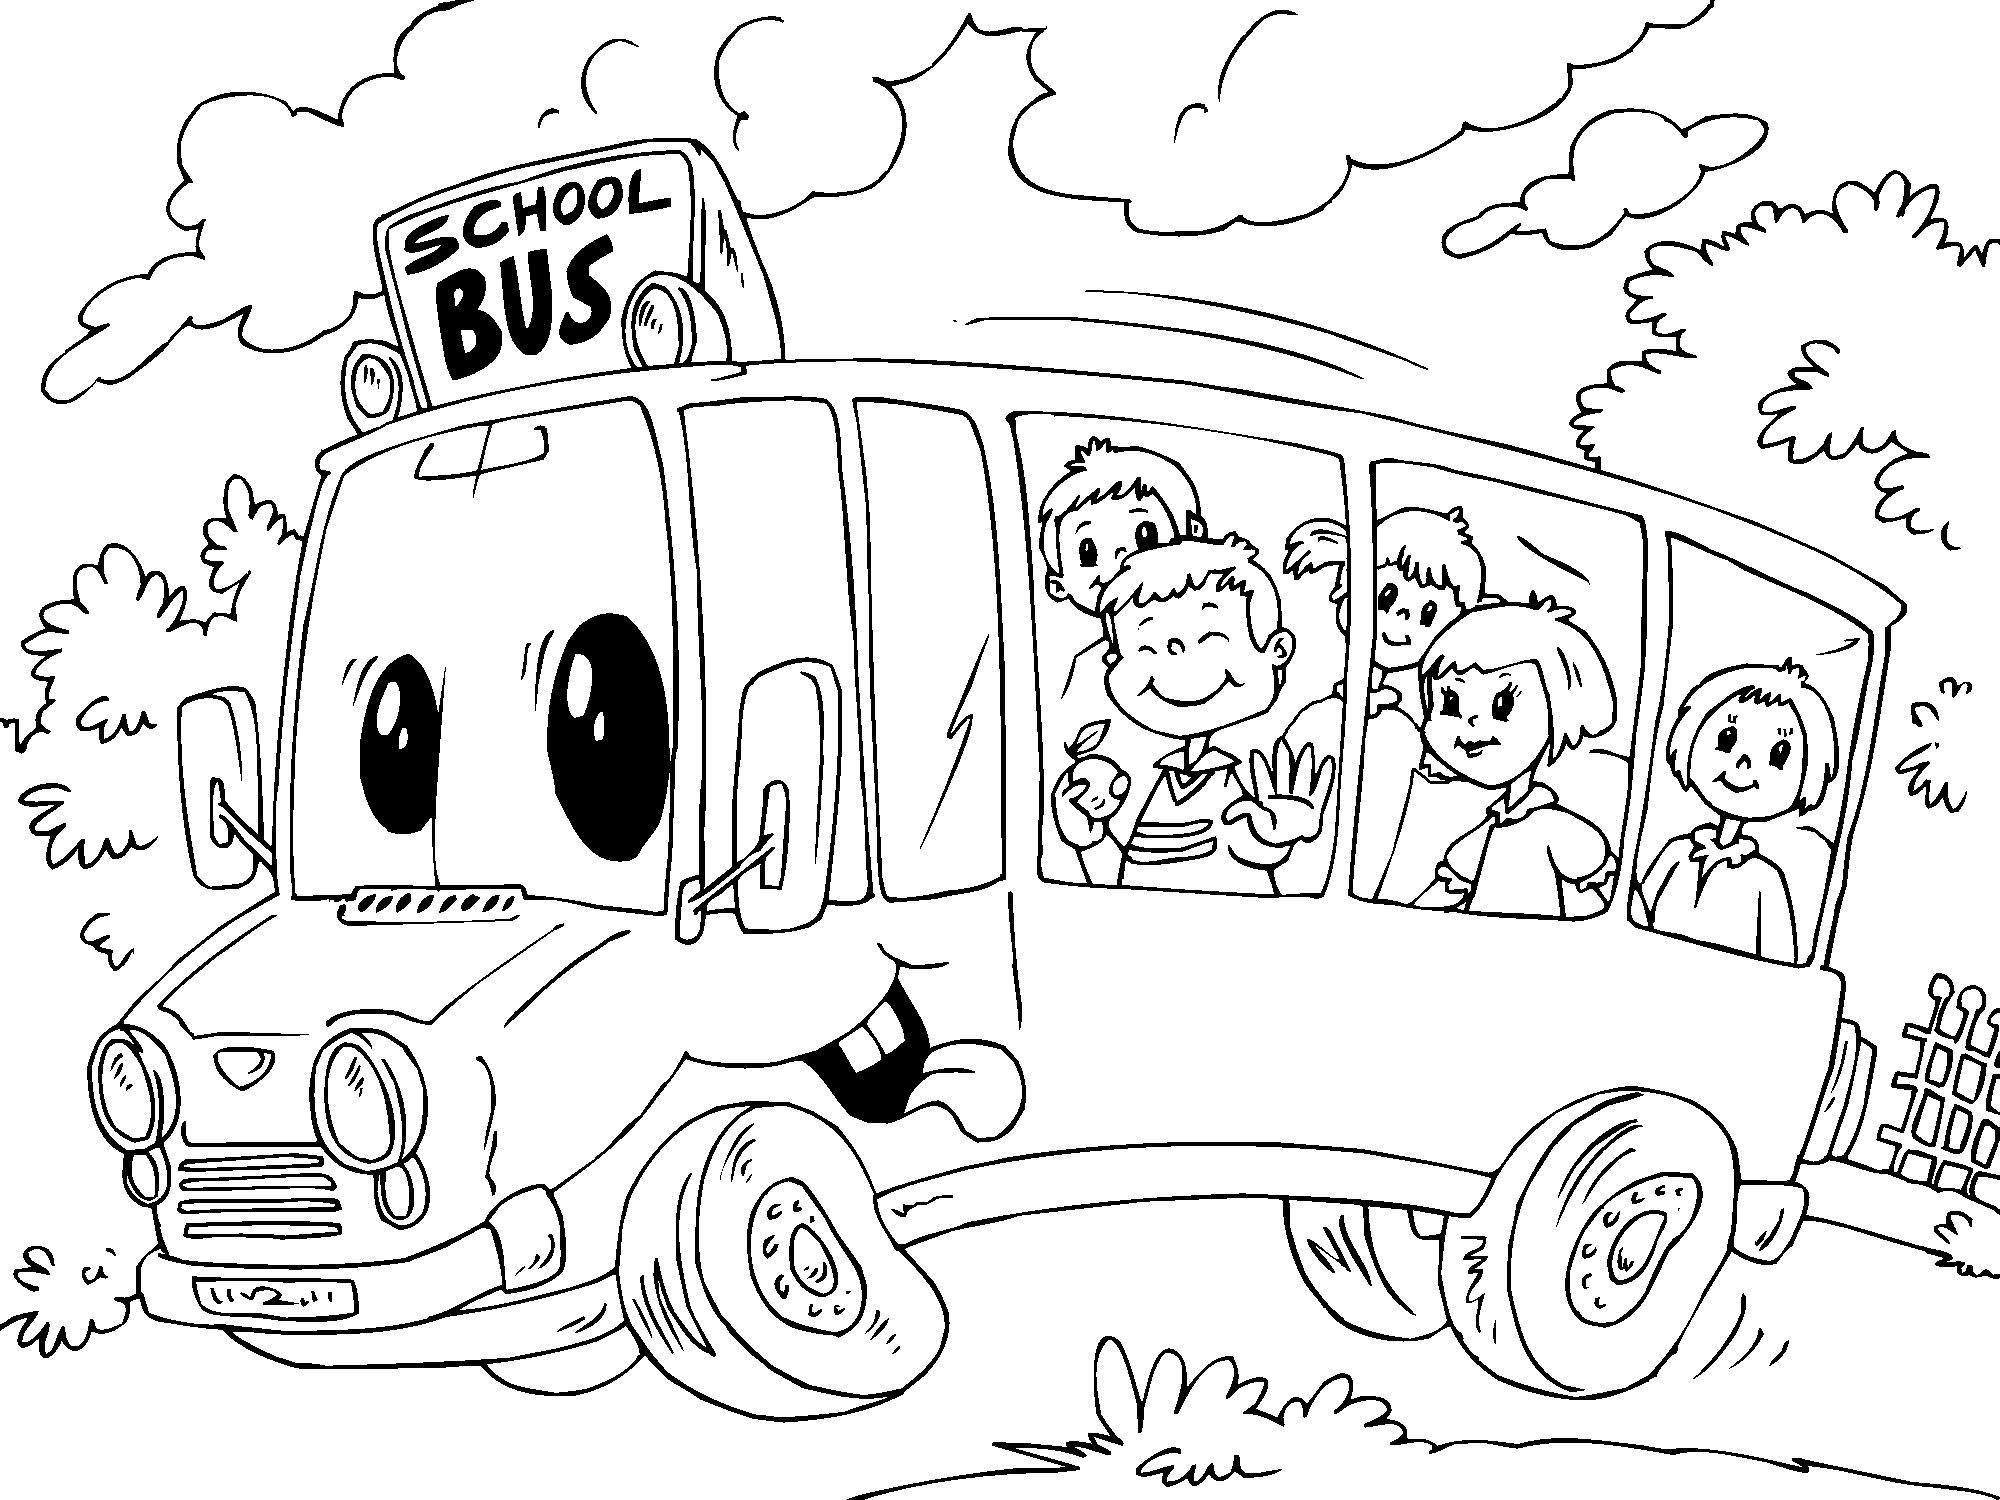 Kleurplaten Autobus.Kleurplaat Schoolbus Afb 22688